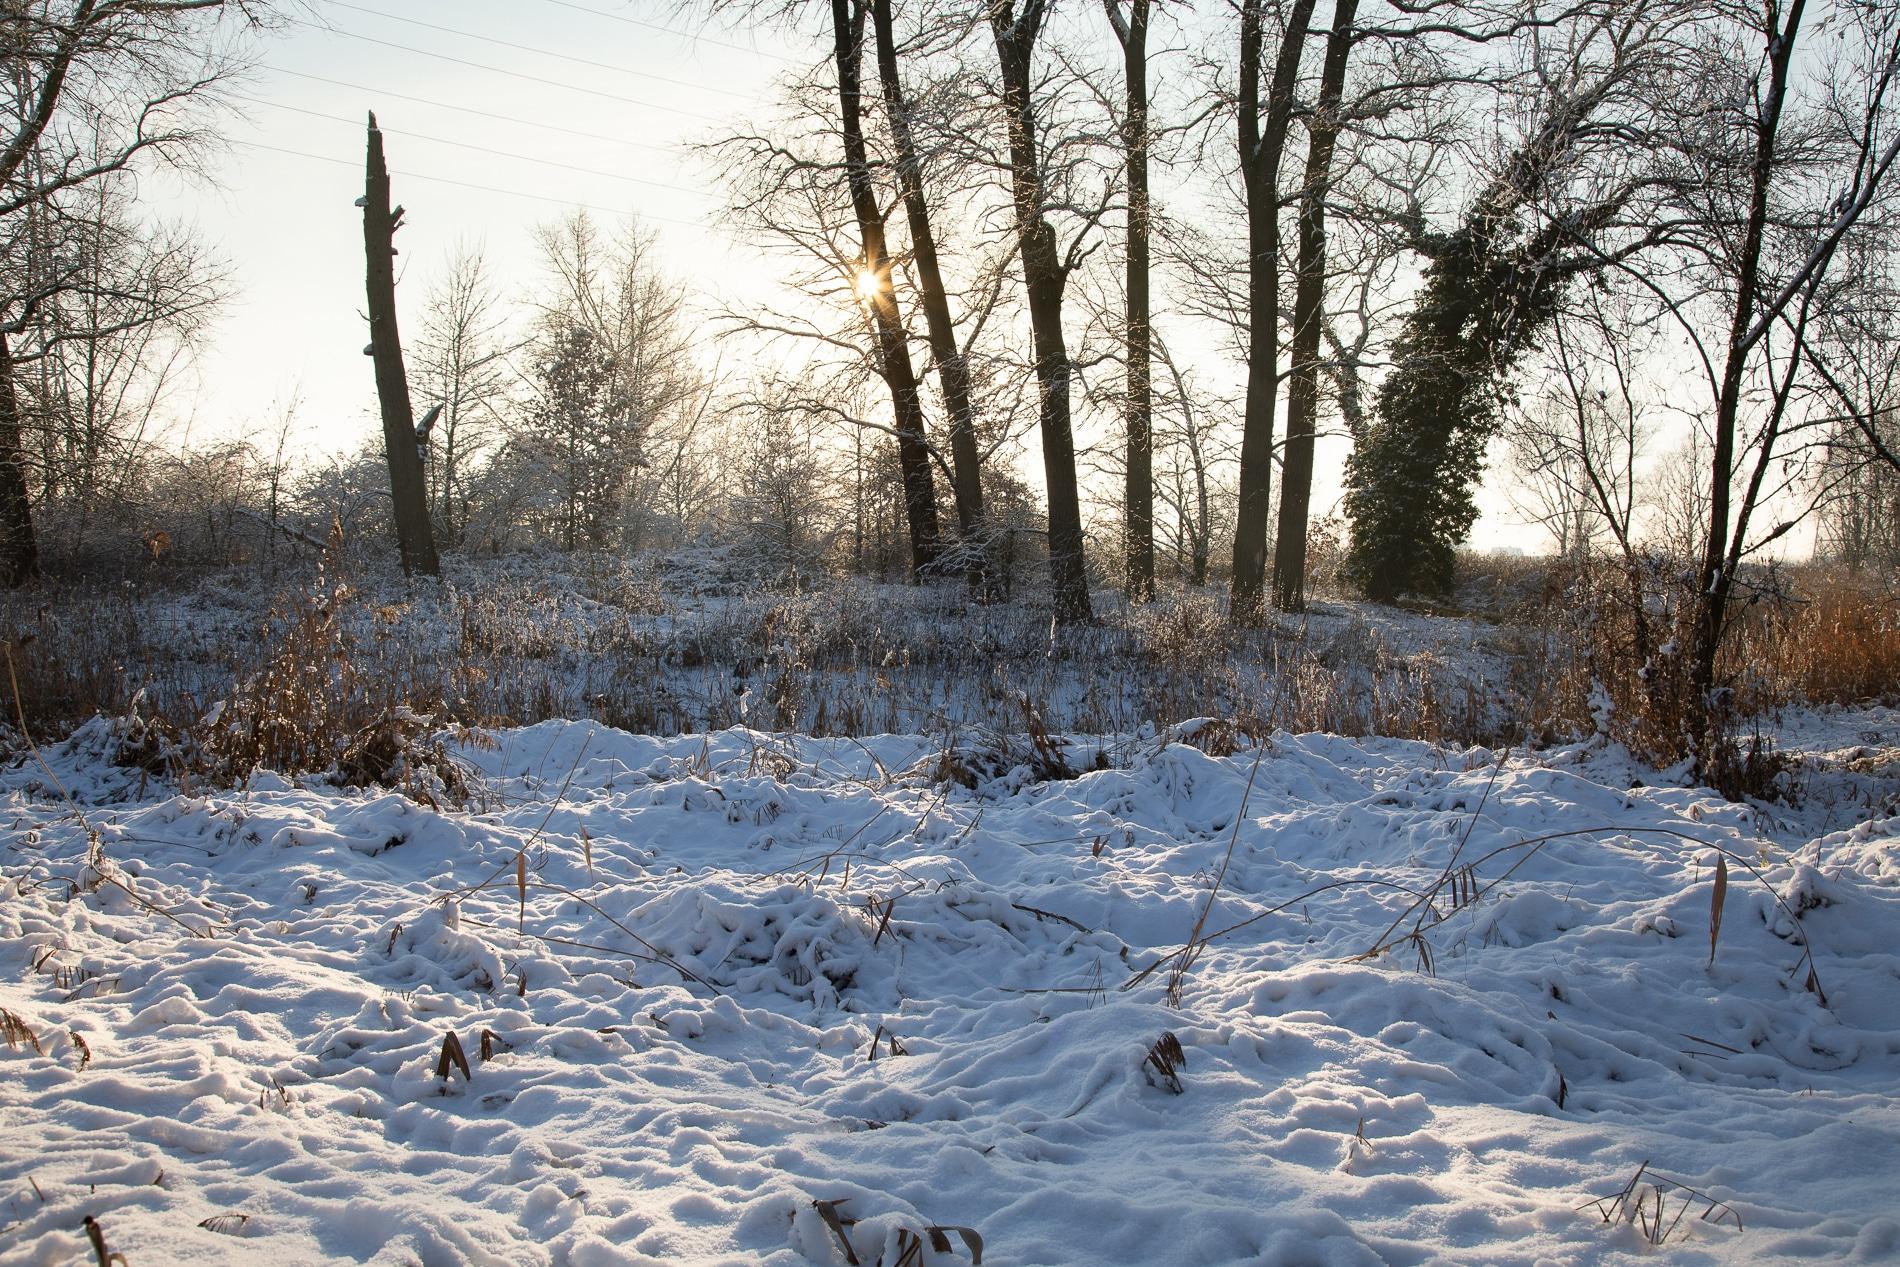 Fotografie Krist Hooghe Kalender Menen Januari Sneeuwlandschap